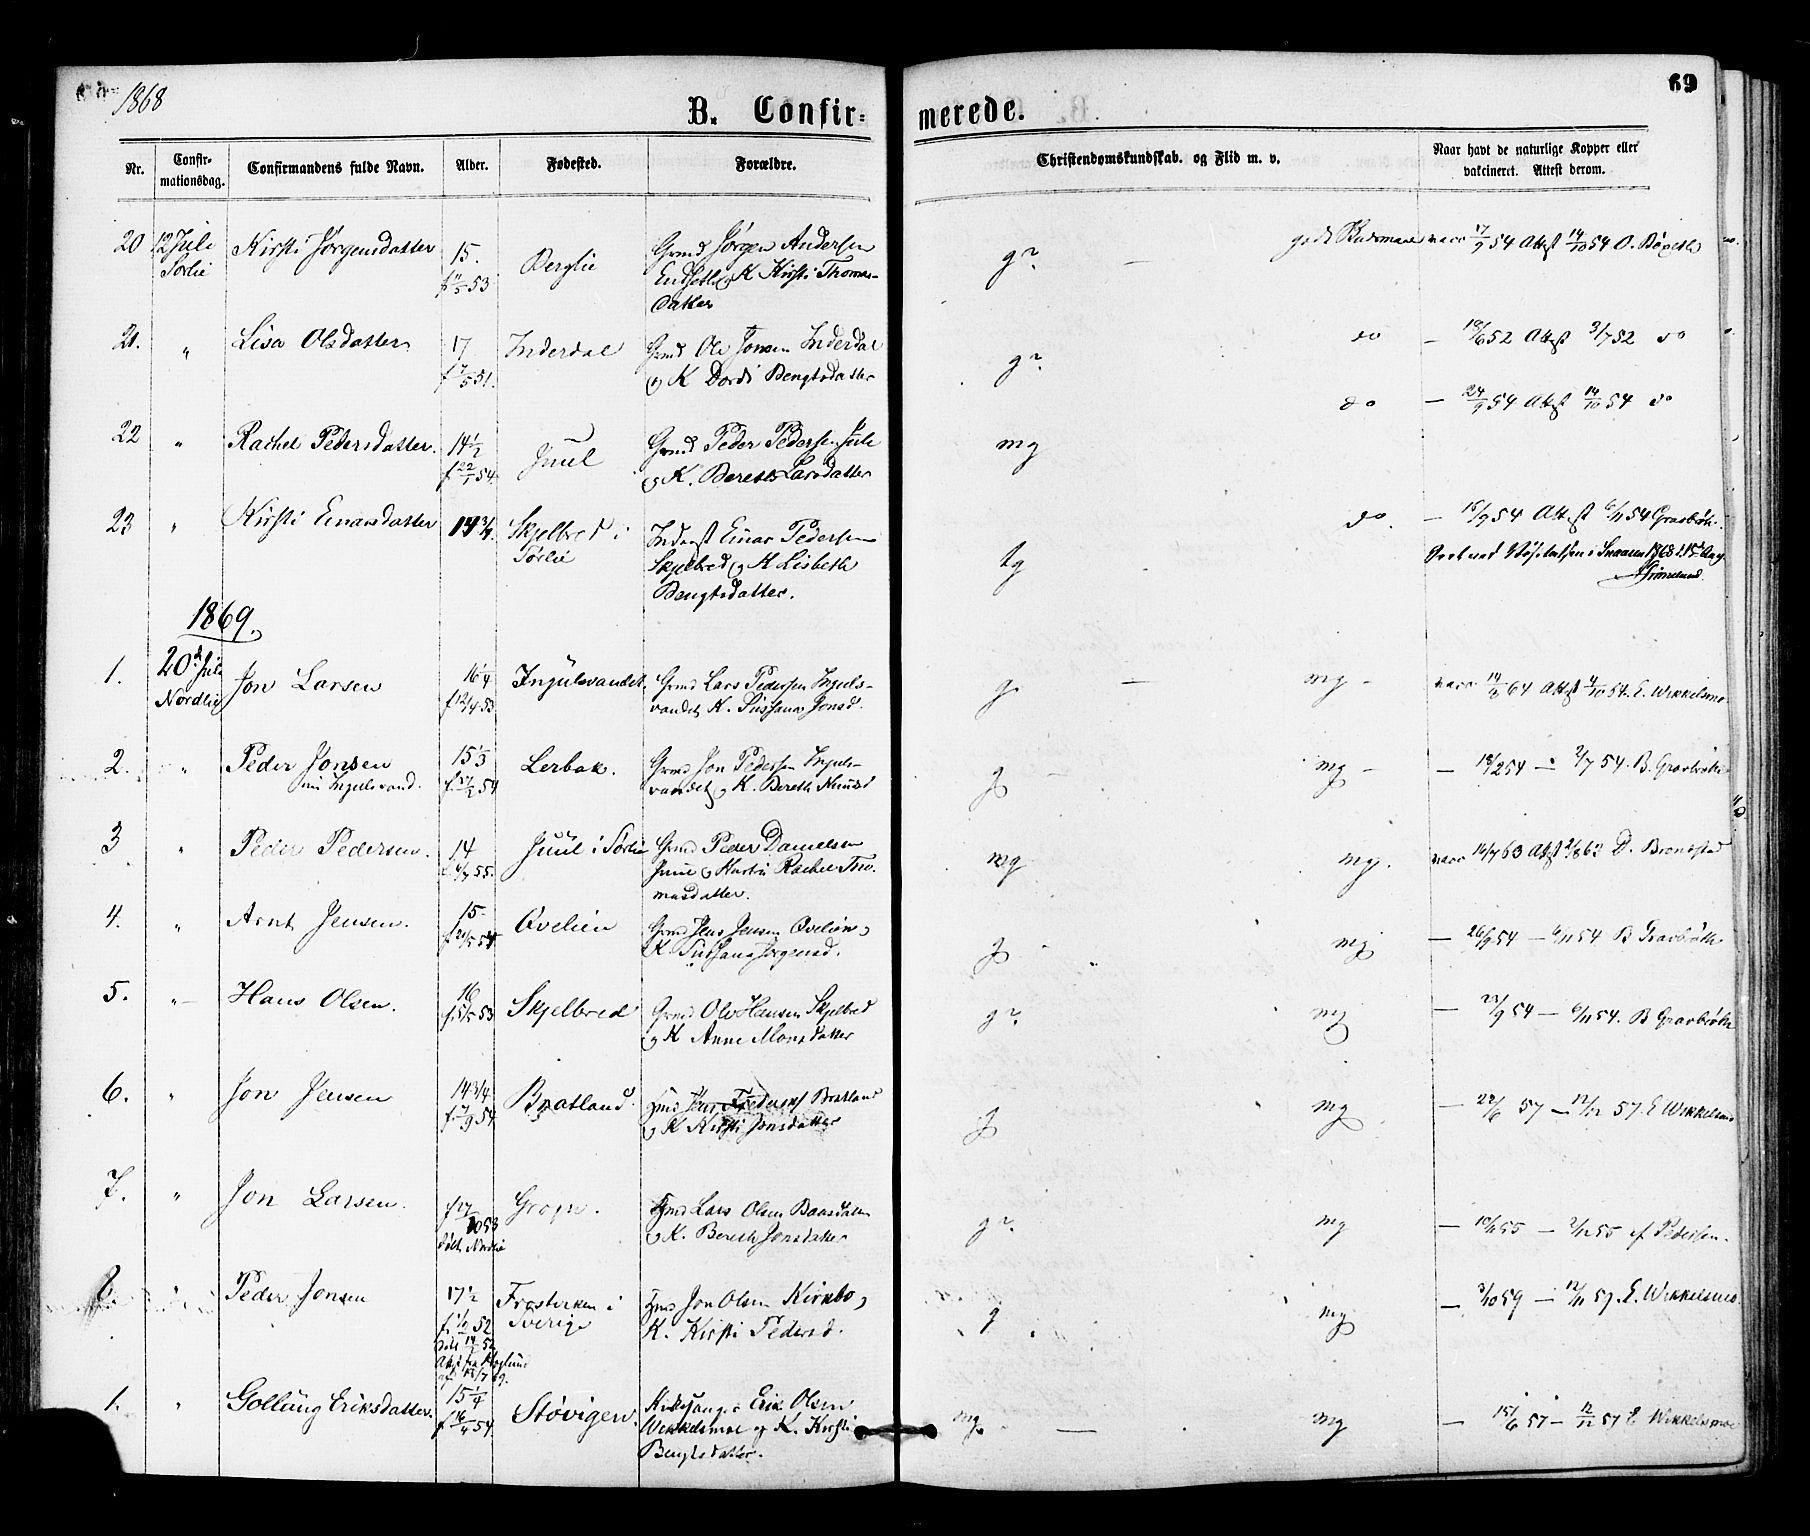 SAT, Ministerialprotokoller, klokkerbøker og fødselsregistre - Nord-Trøndelag, 755/L0493: Ministerialbok nr. 755A02, 1865-1881, s. 69